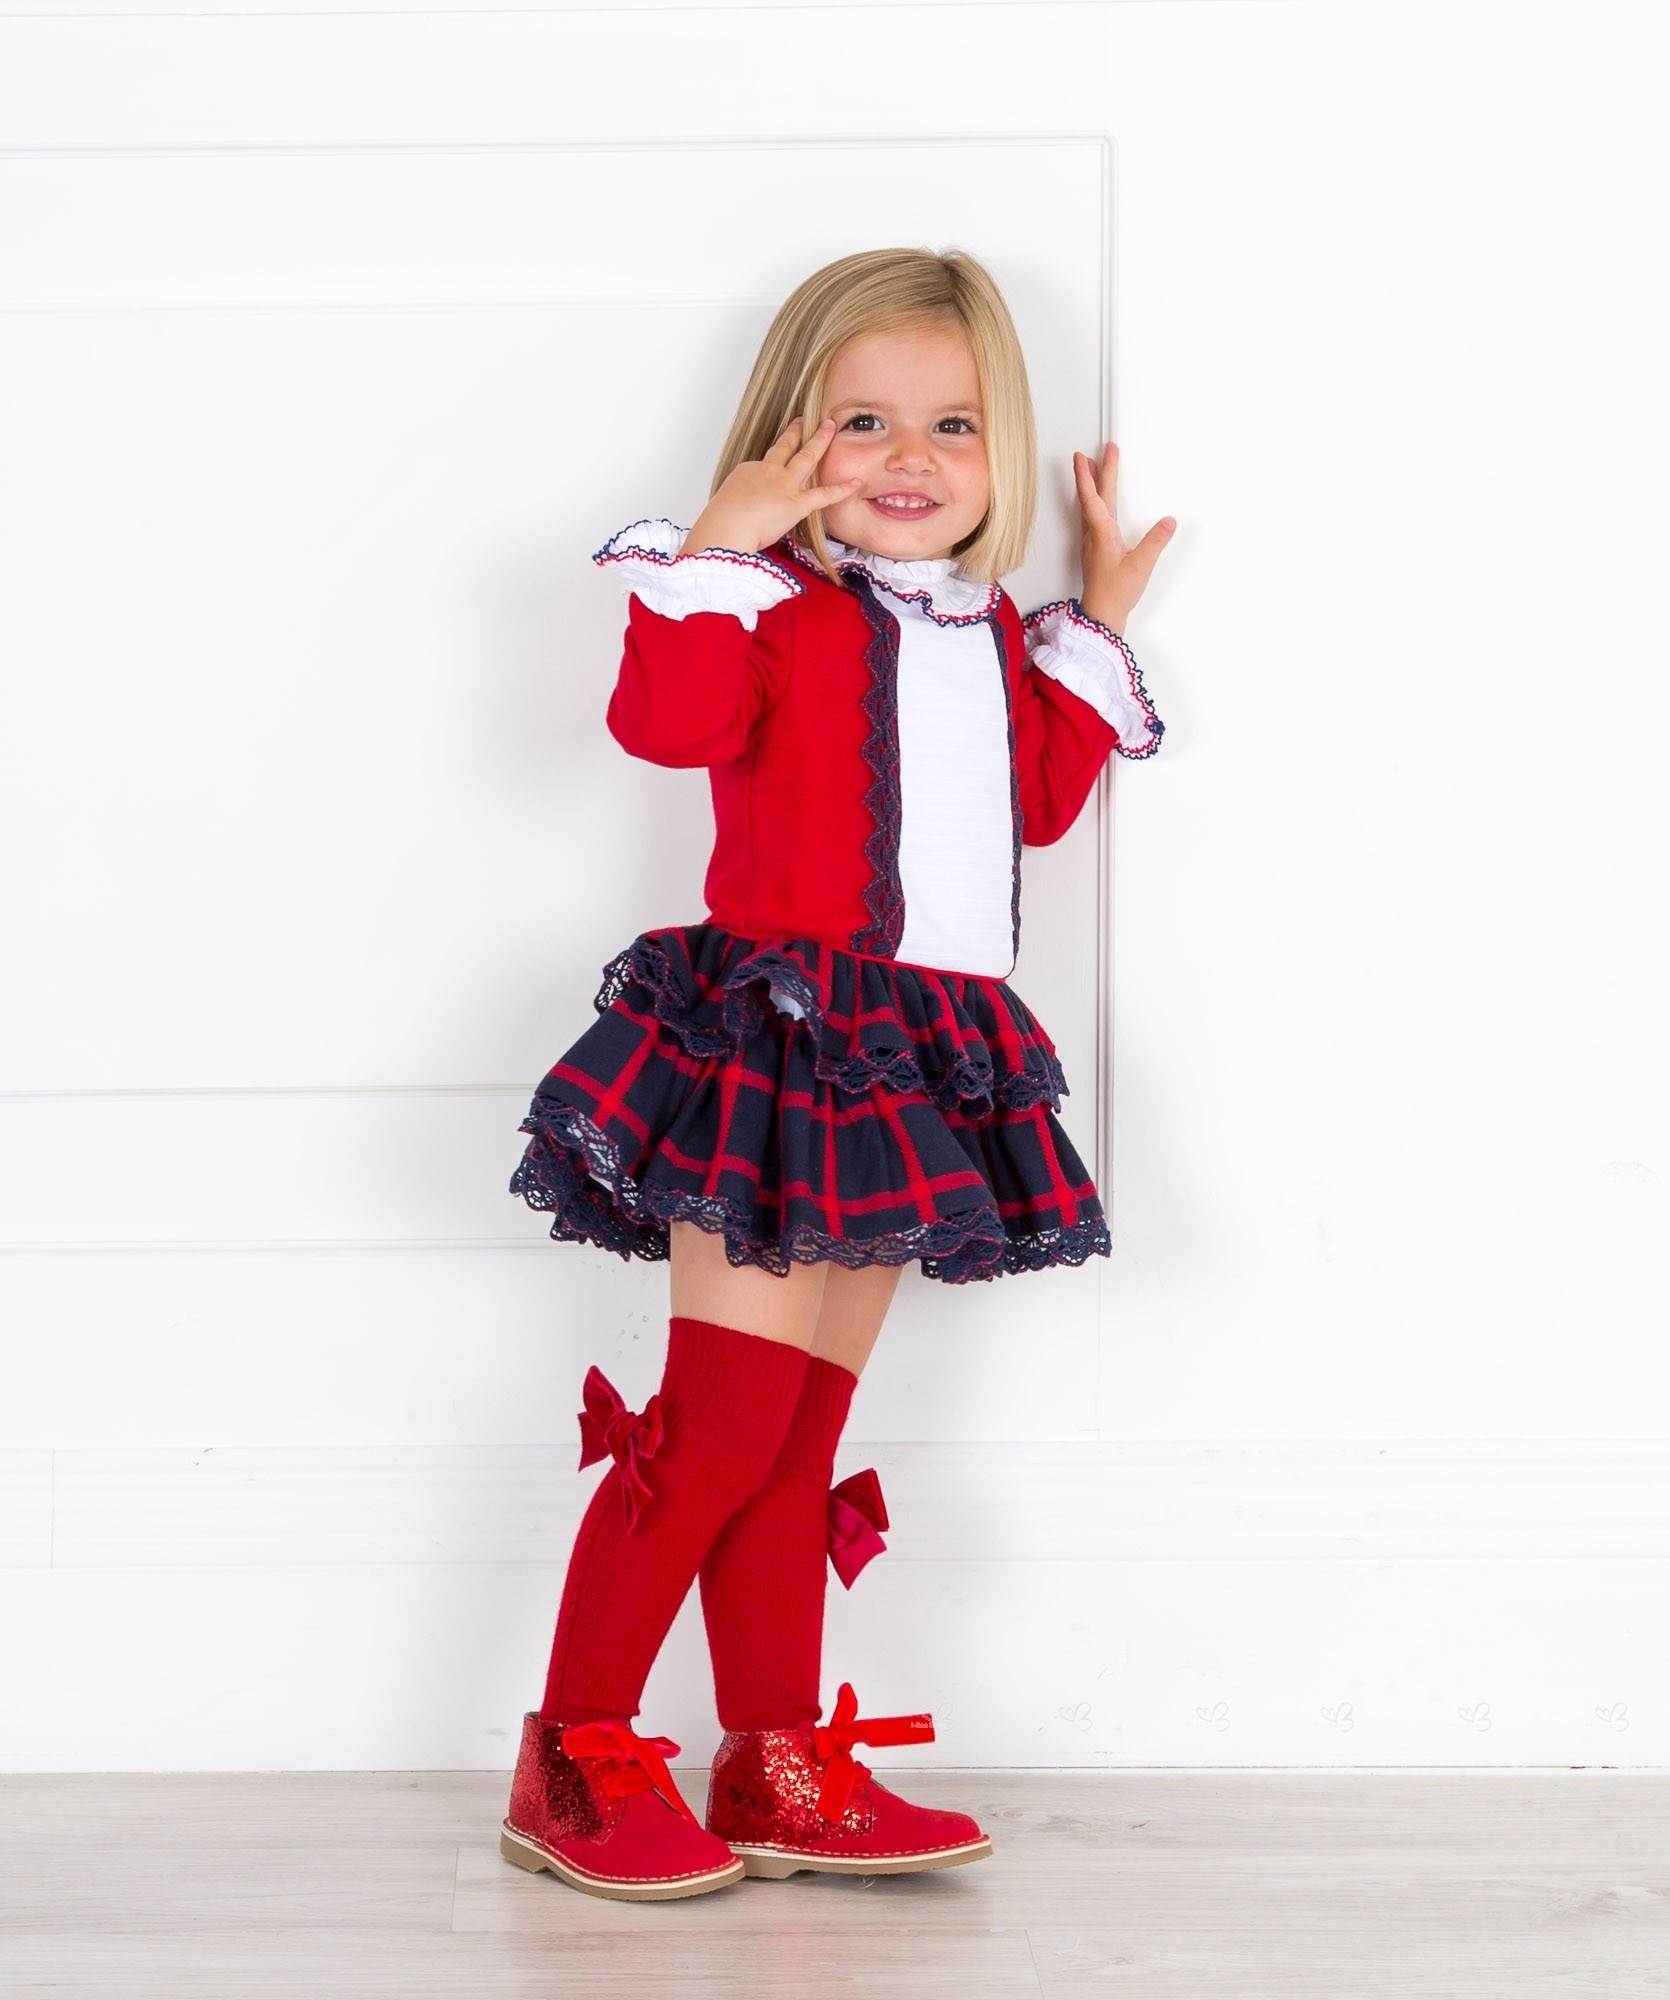 ... Dolce Petit Vestido Niña Cuerpo Rojo   Falda Volantes Cuadros Marino ... bcdee78a13f2